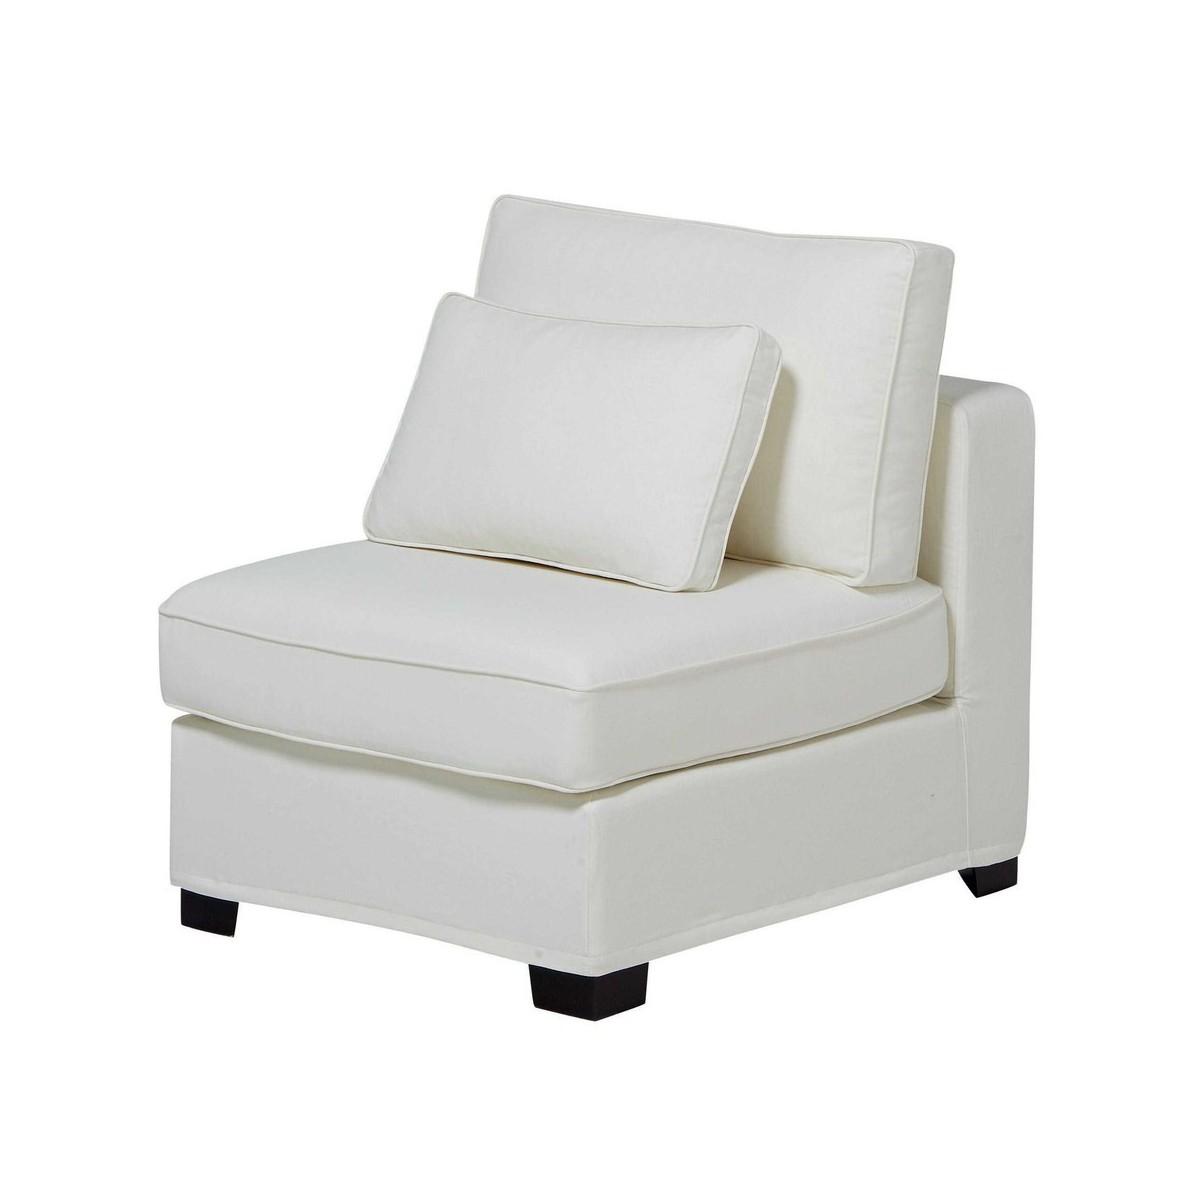 chauffeuse de canap modulable en coton ivoire. Black Bedroom Furniture Sets. Home Design Ideas